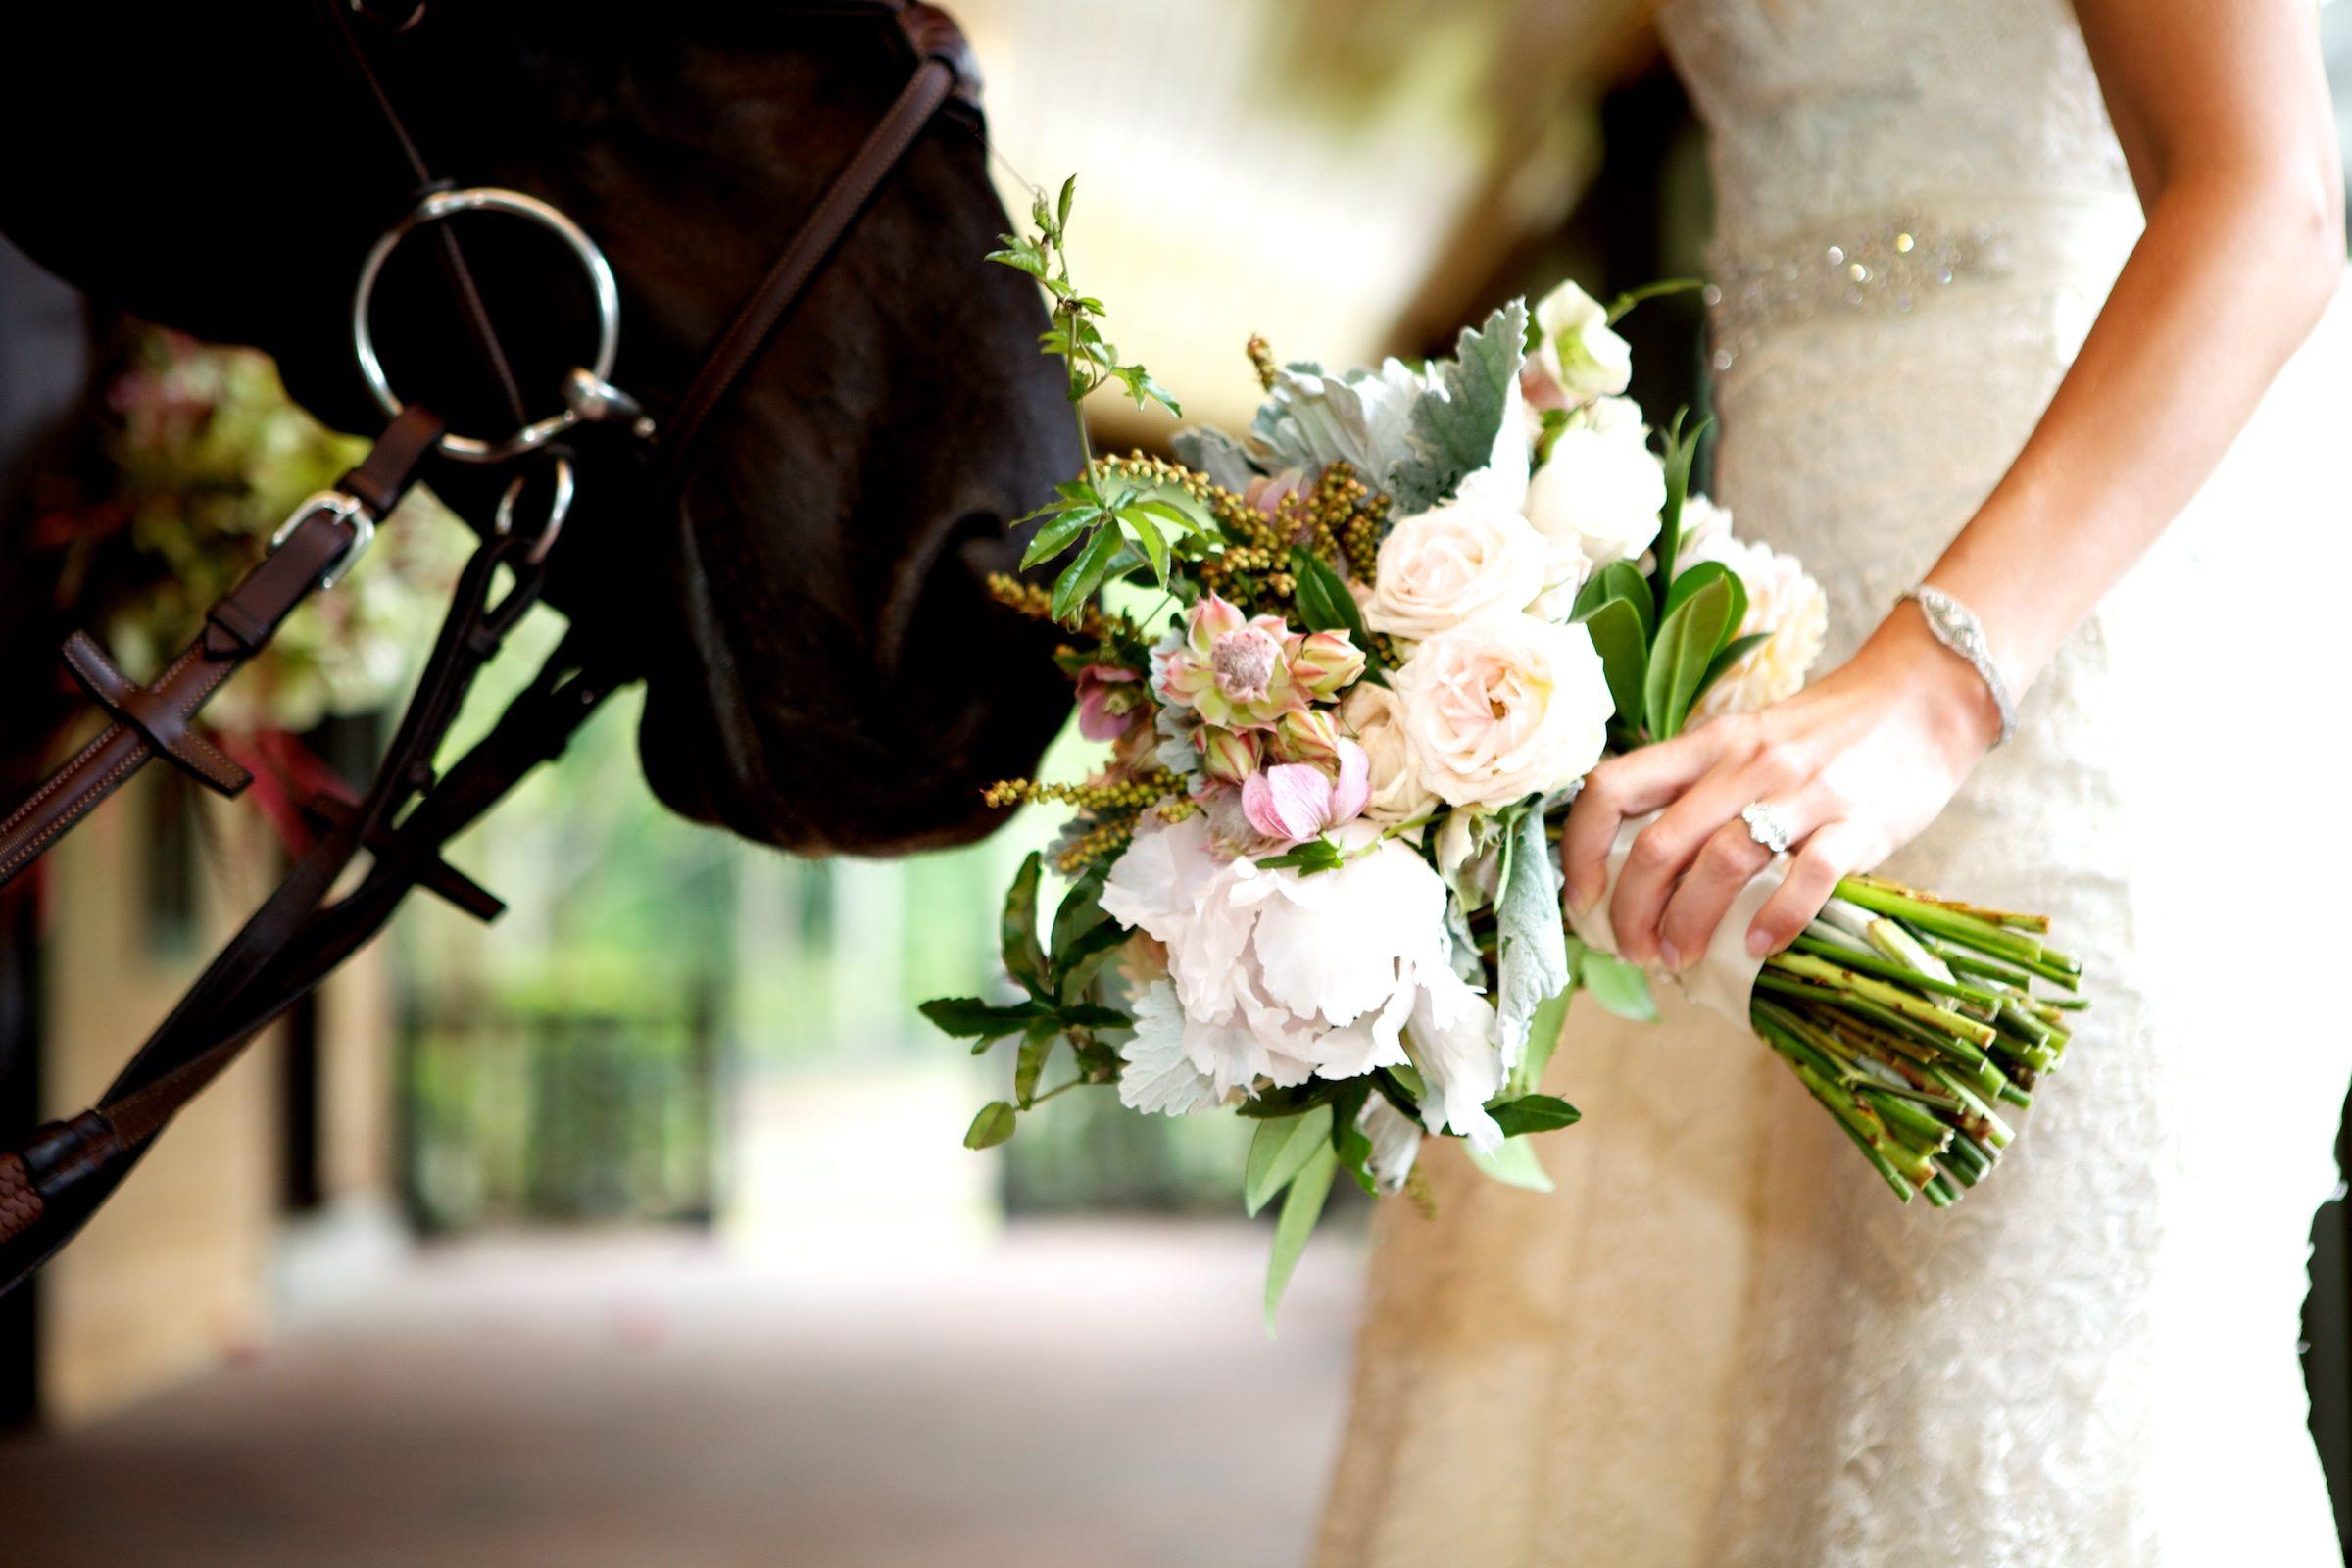 Equestrian bouquet with precious horse!! www.MadamPaloozaEmporium.com www.facebook.com/MadamPalooza